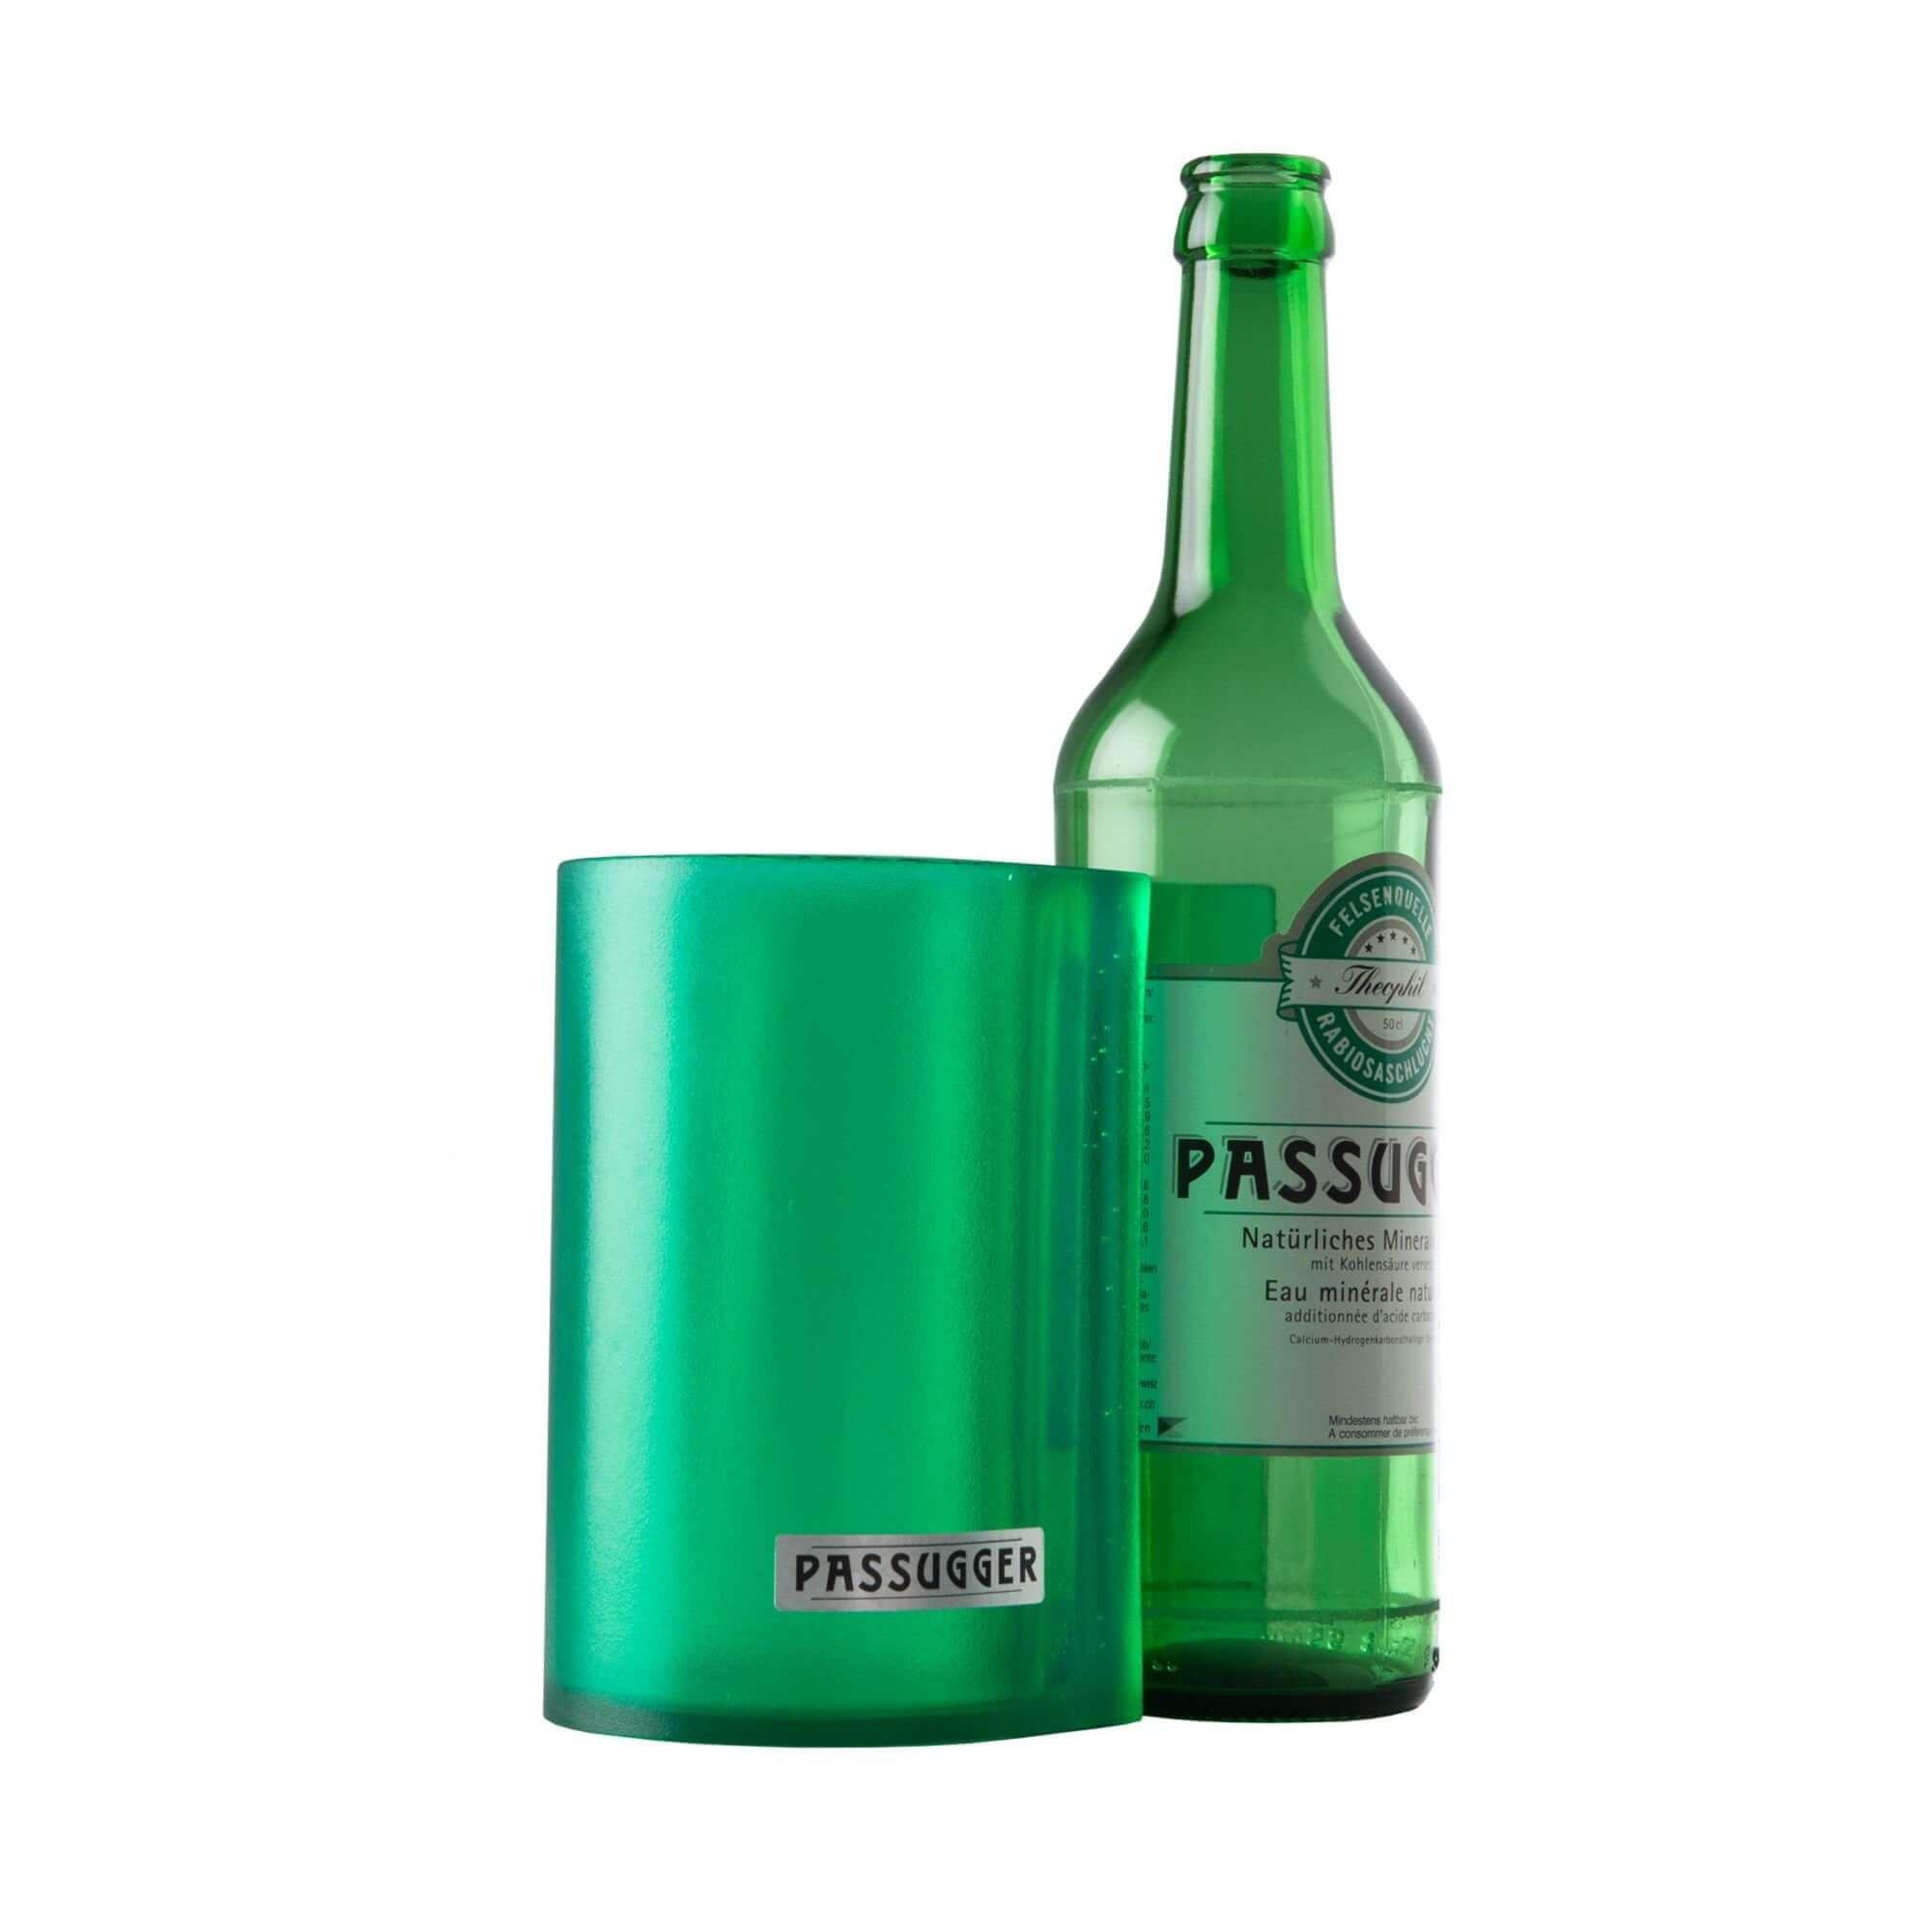 Acryline Werbedisplay acryl kunststoff werbung verkauf laden dekoration geschenk verkaufsförderung individuell display